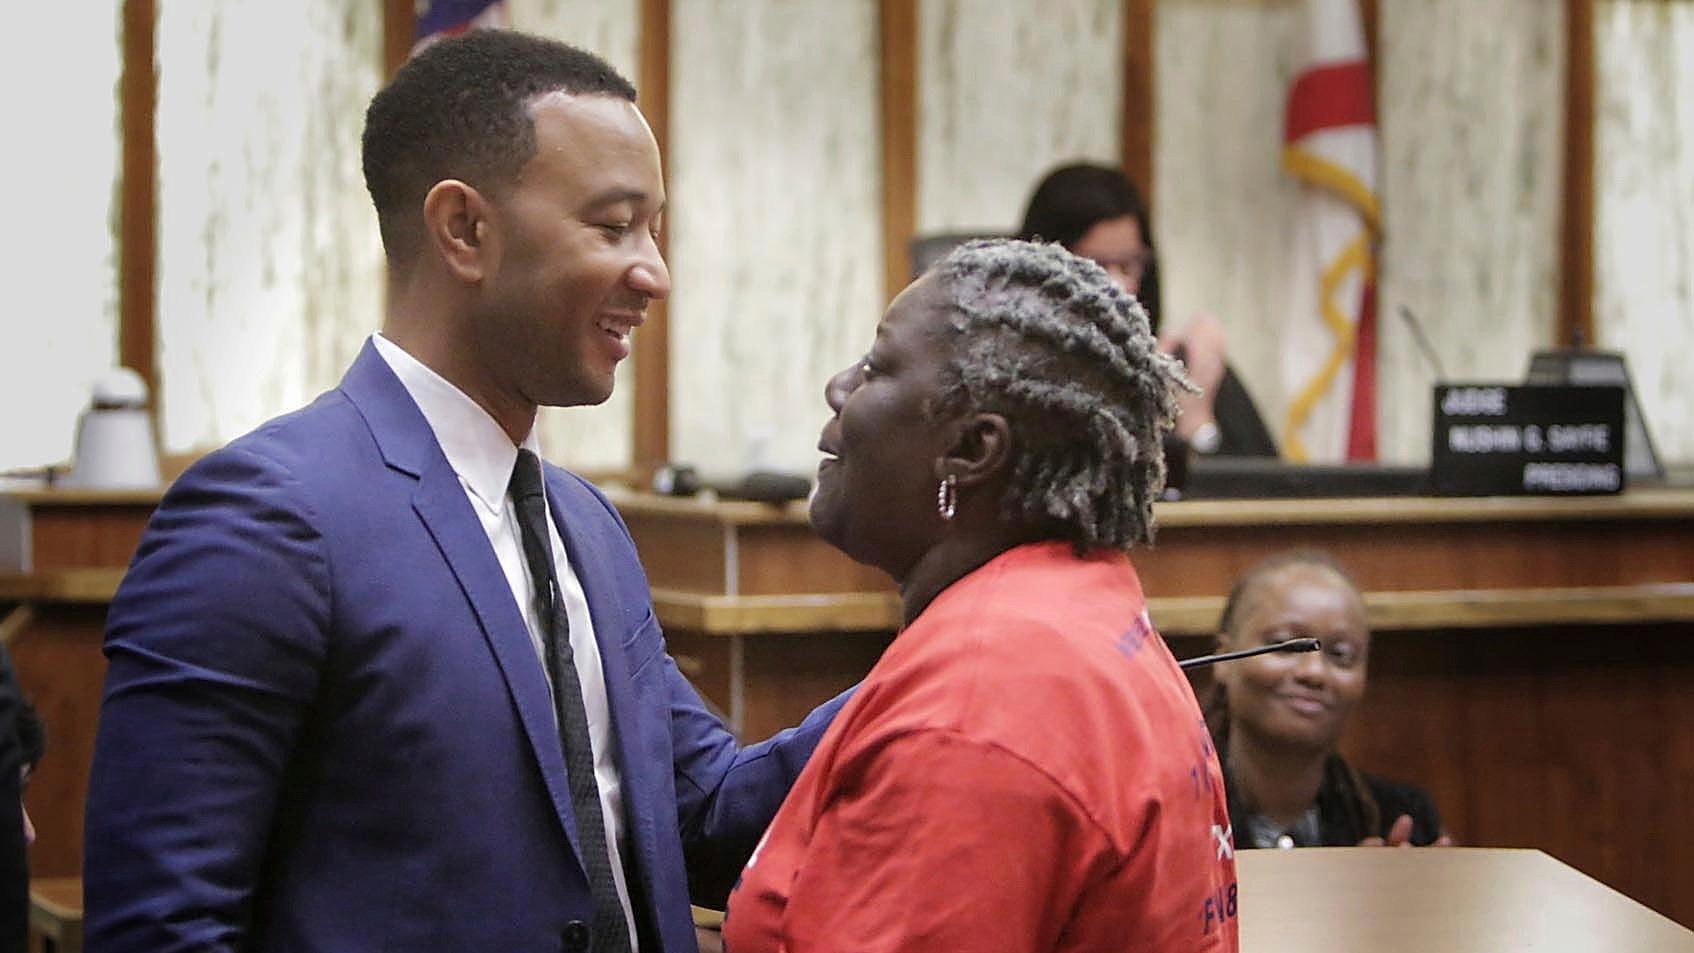 John Legendの支援ex-felonsフロリダって投票権